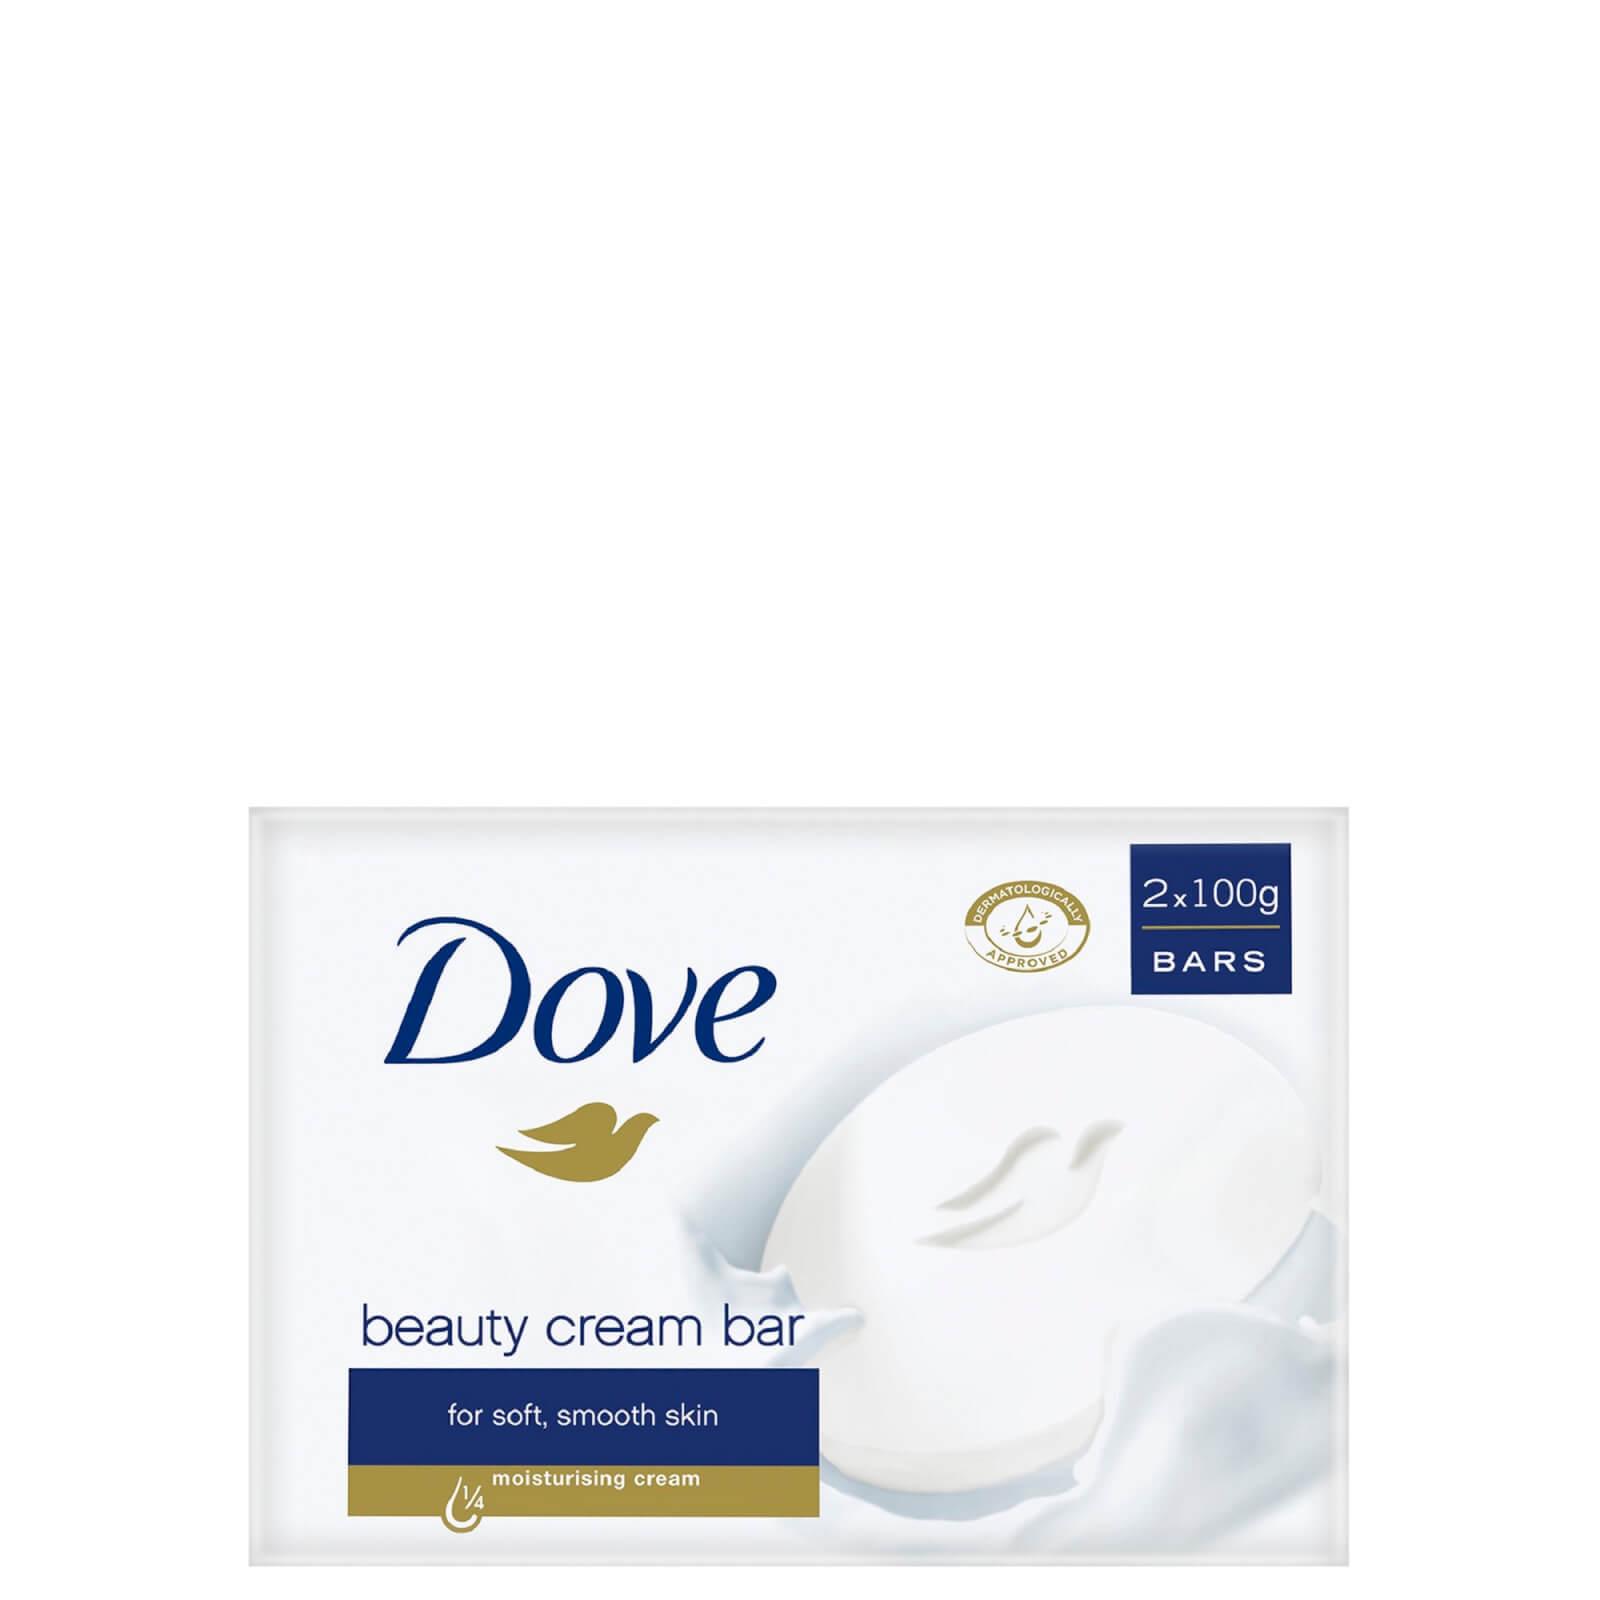 多芬 香皂 (2x100g)